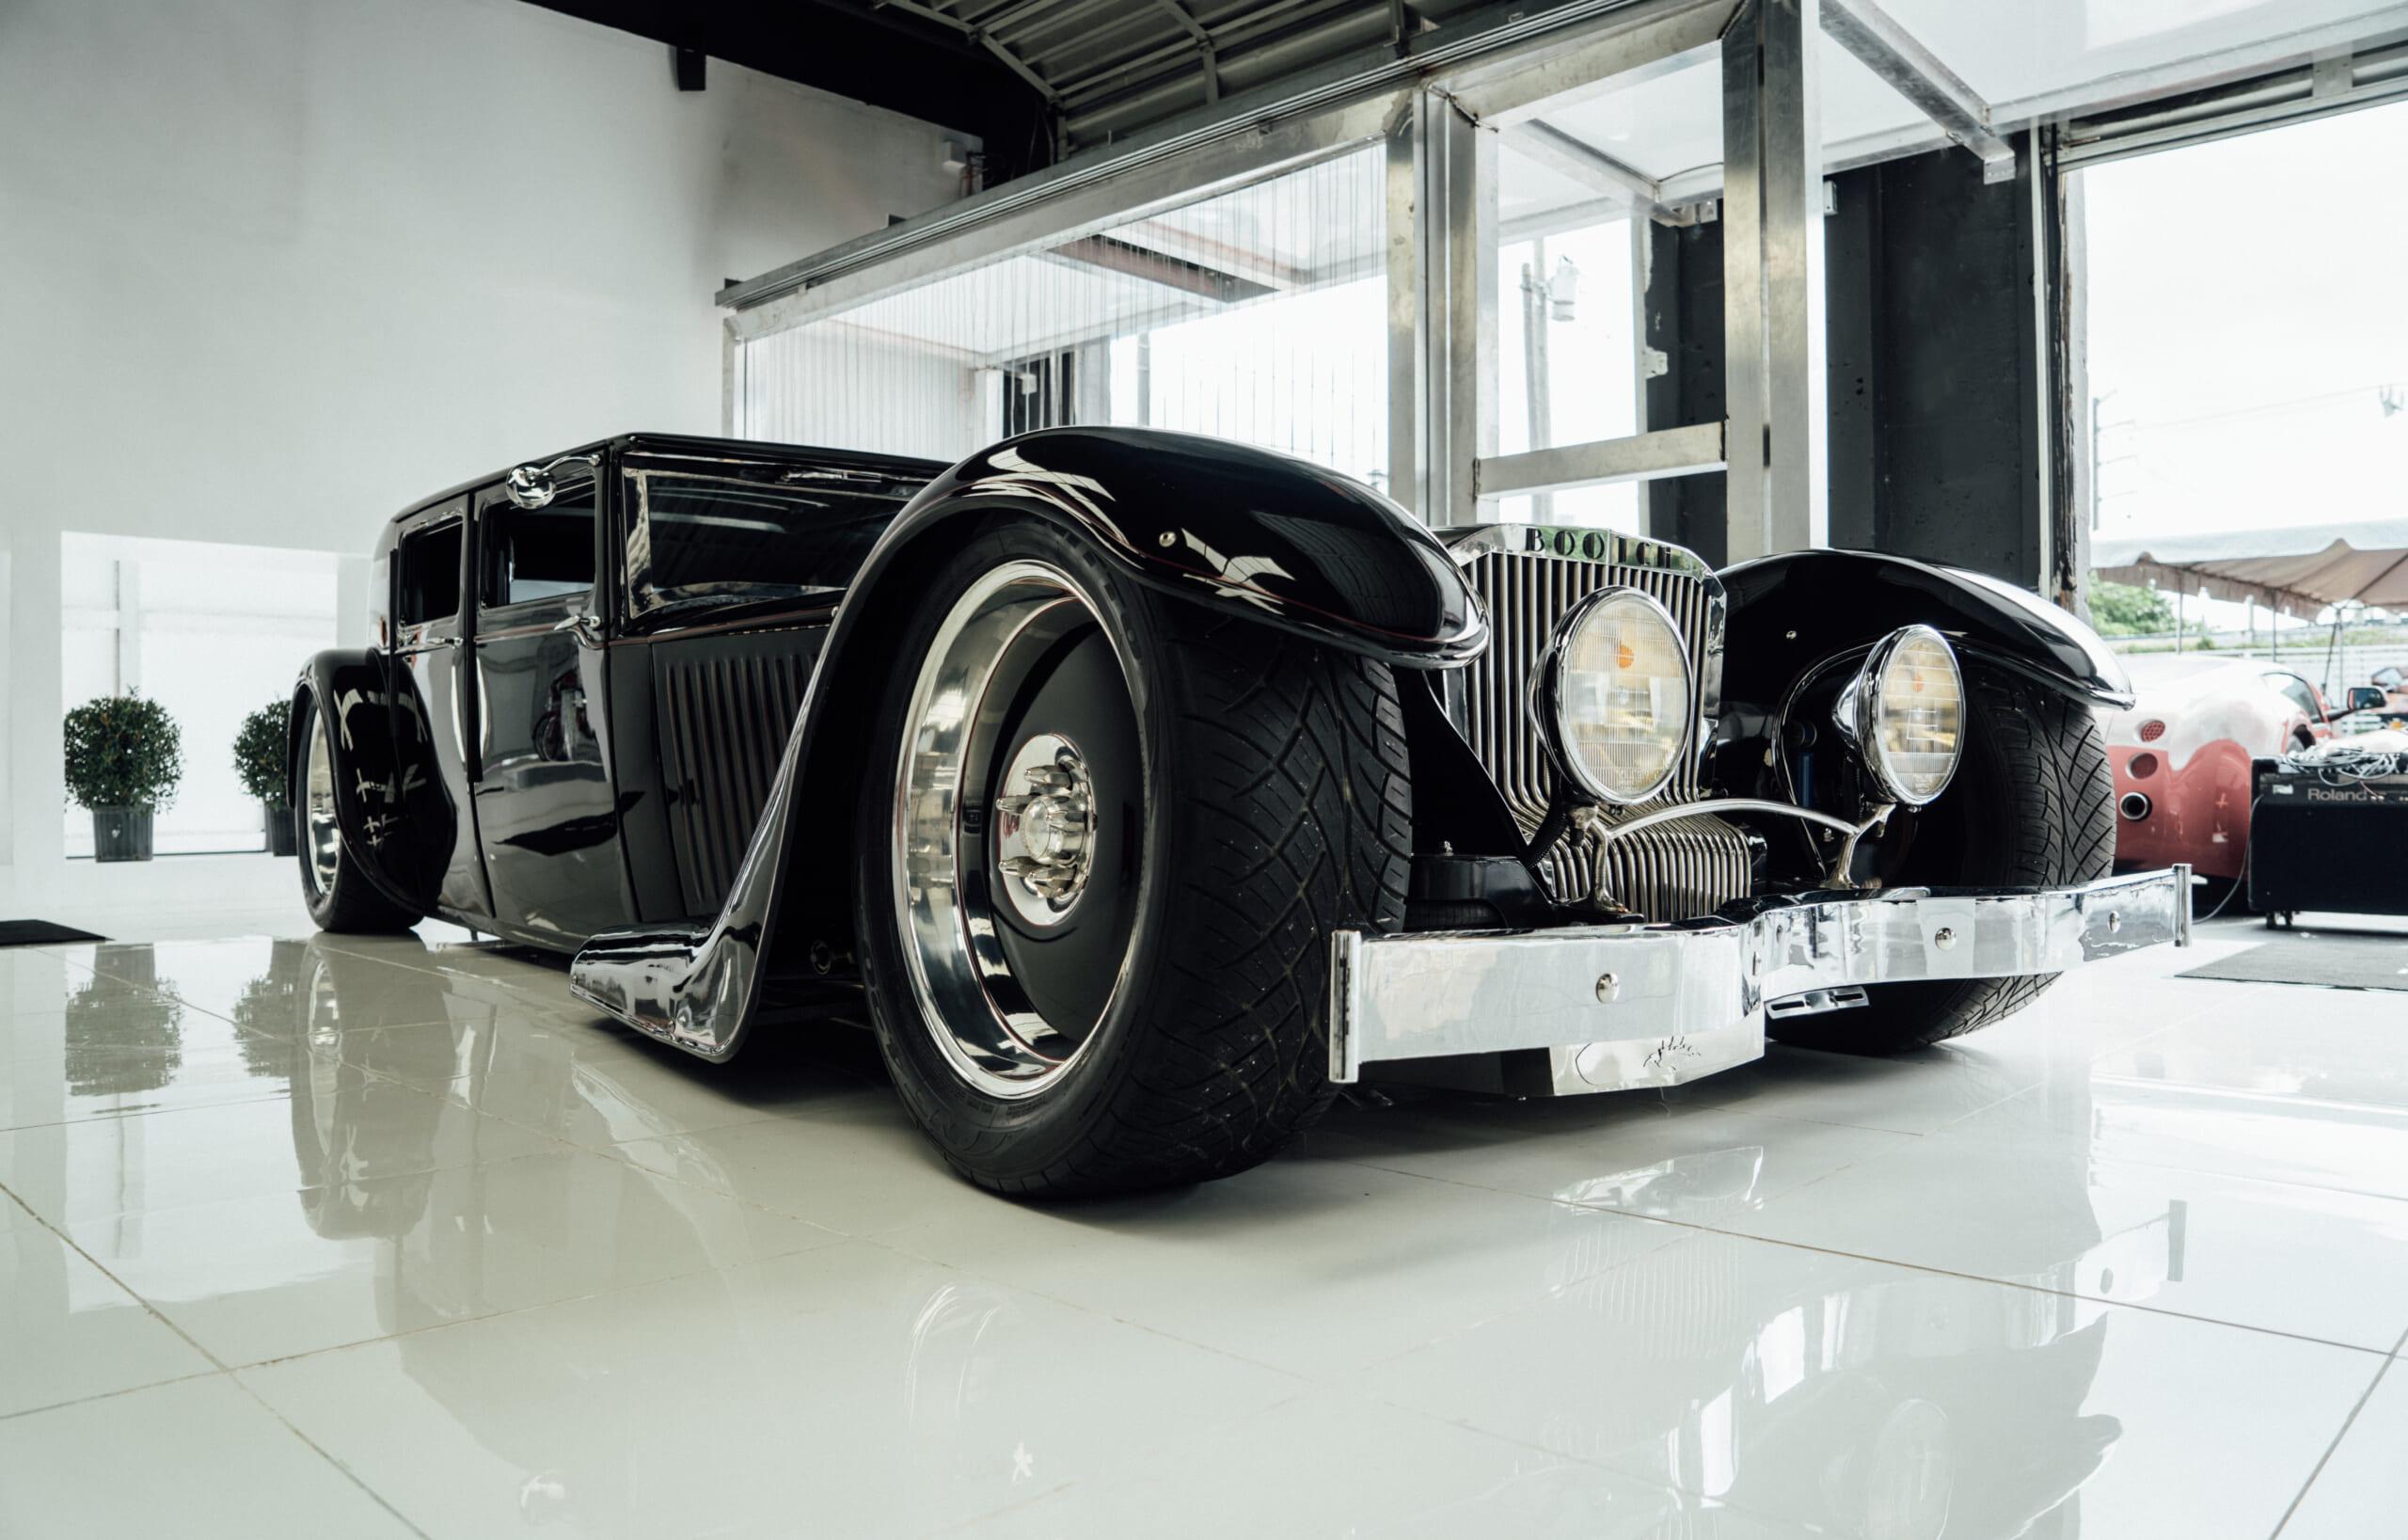 1929 Rolls Royce Bootch